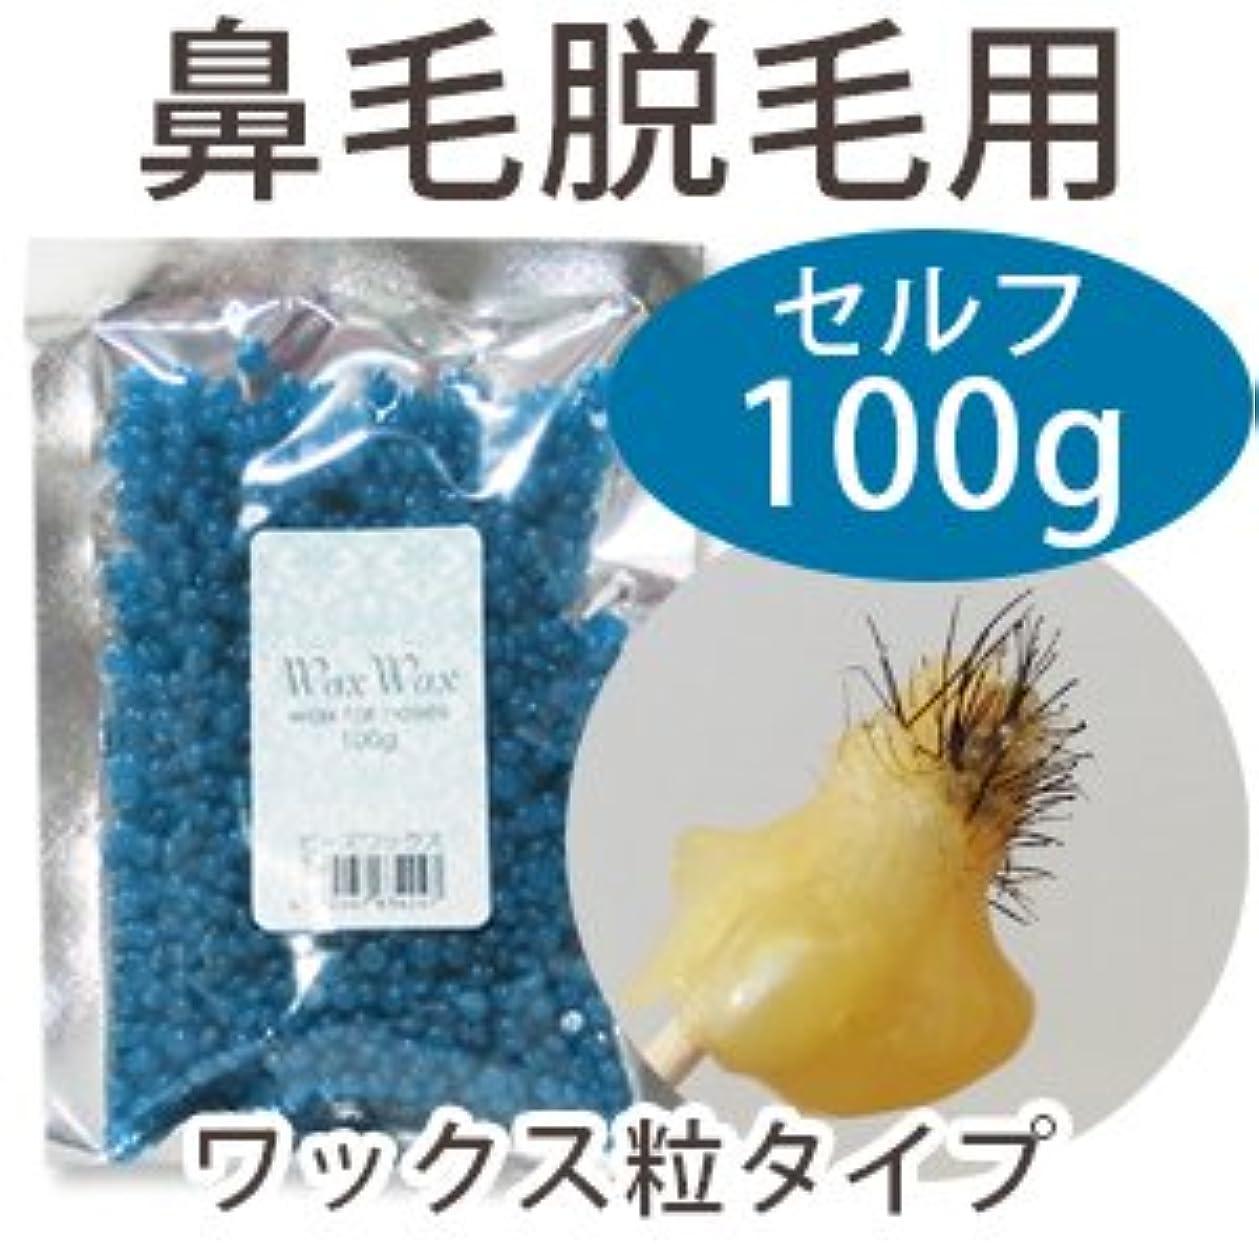 吸収住所失速鼻毛 産毛 脱毛 ビーズ ワックス (ブルー 100g)